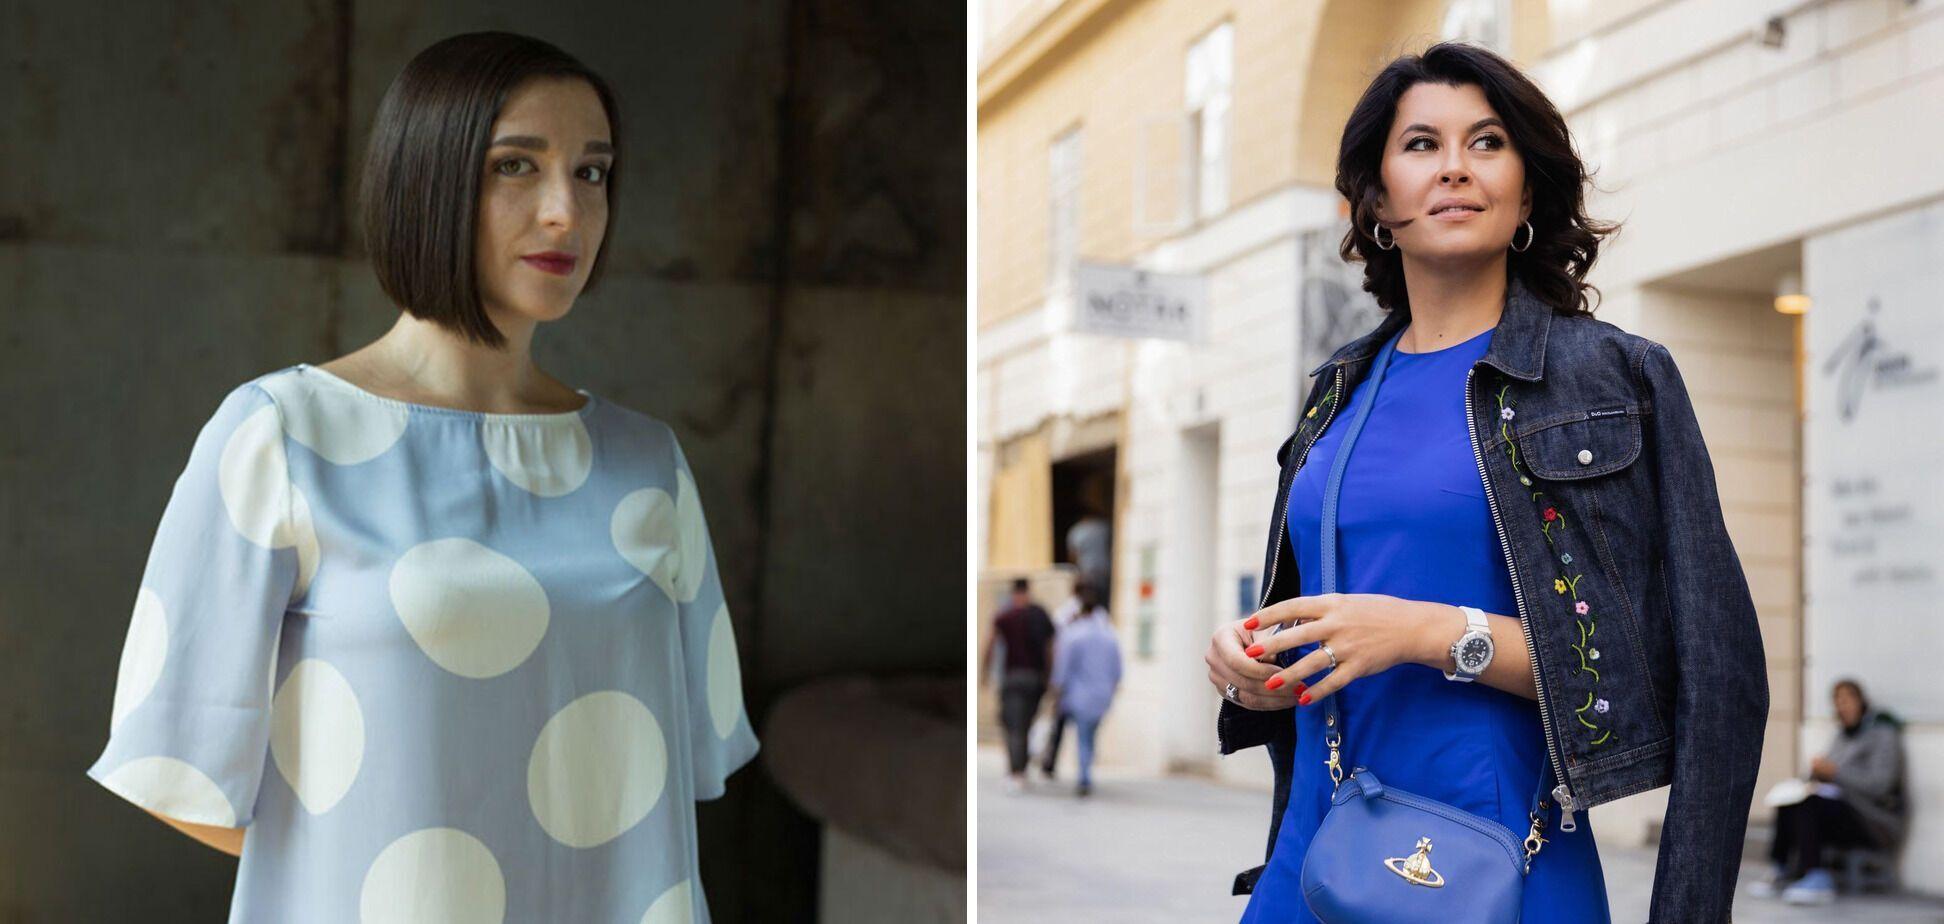 Украинки, ставшие звездами Венской оперы: Ольга Бессмертная и Зоряна Кушплер.